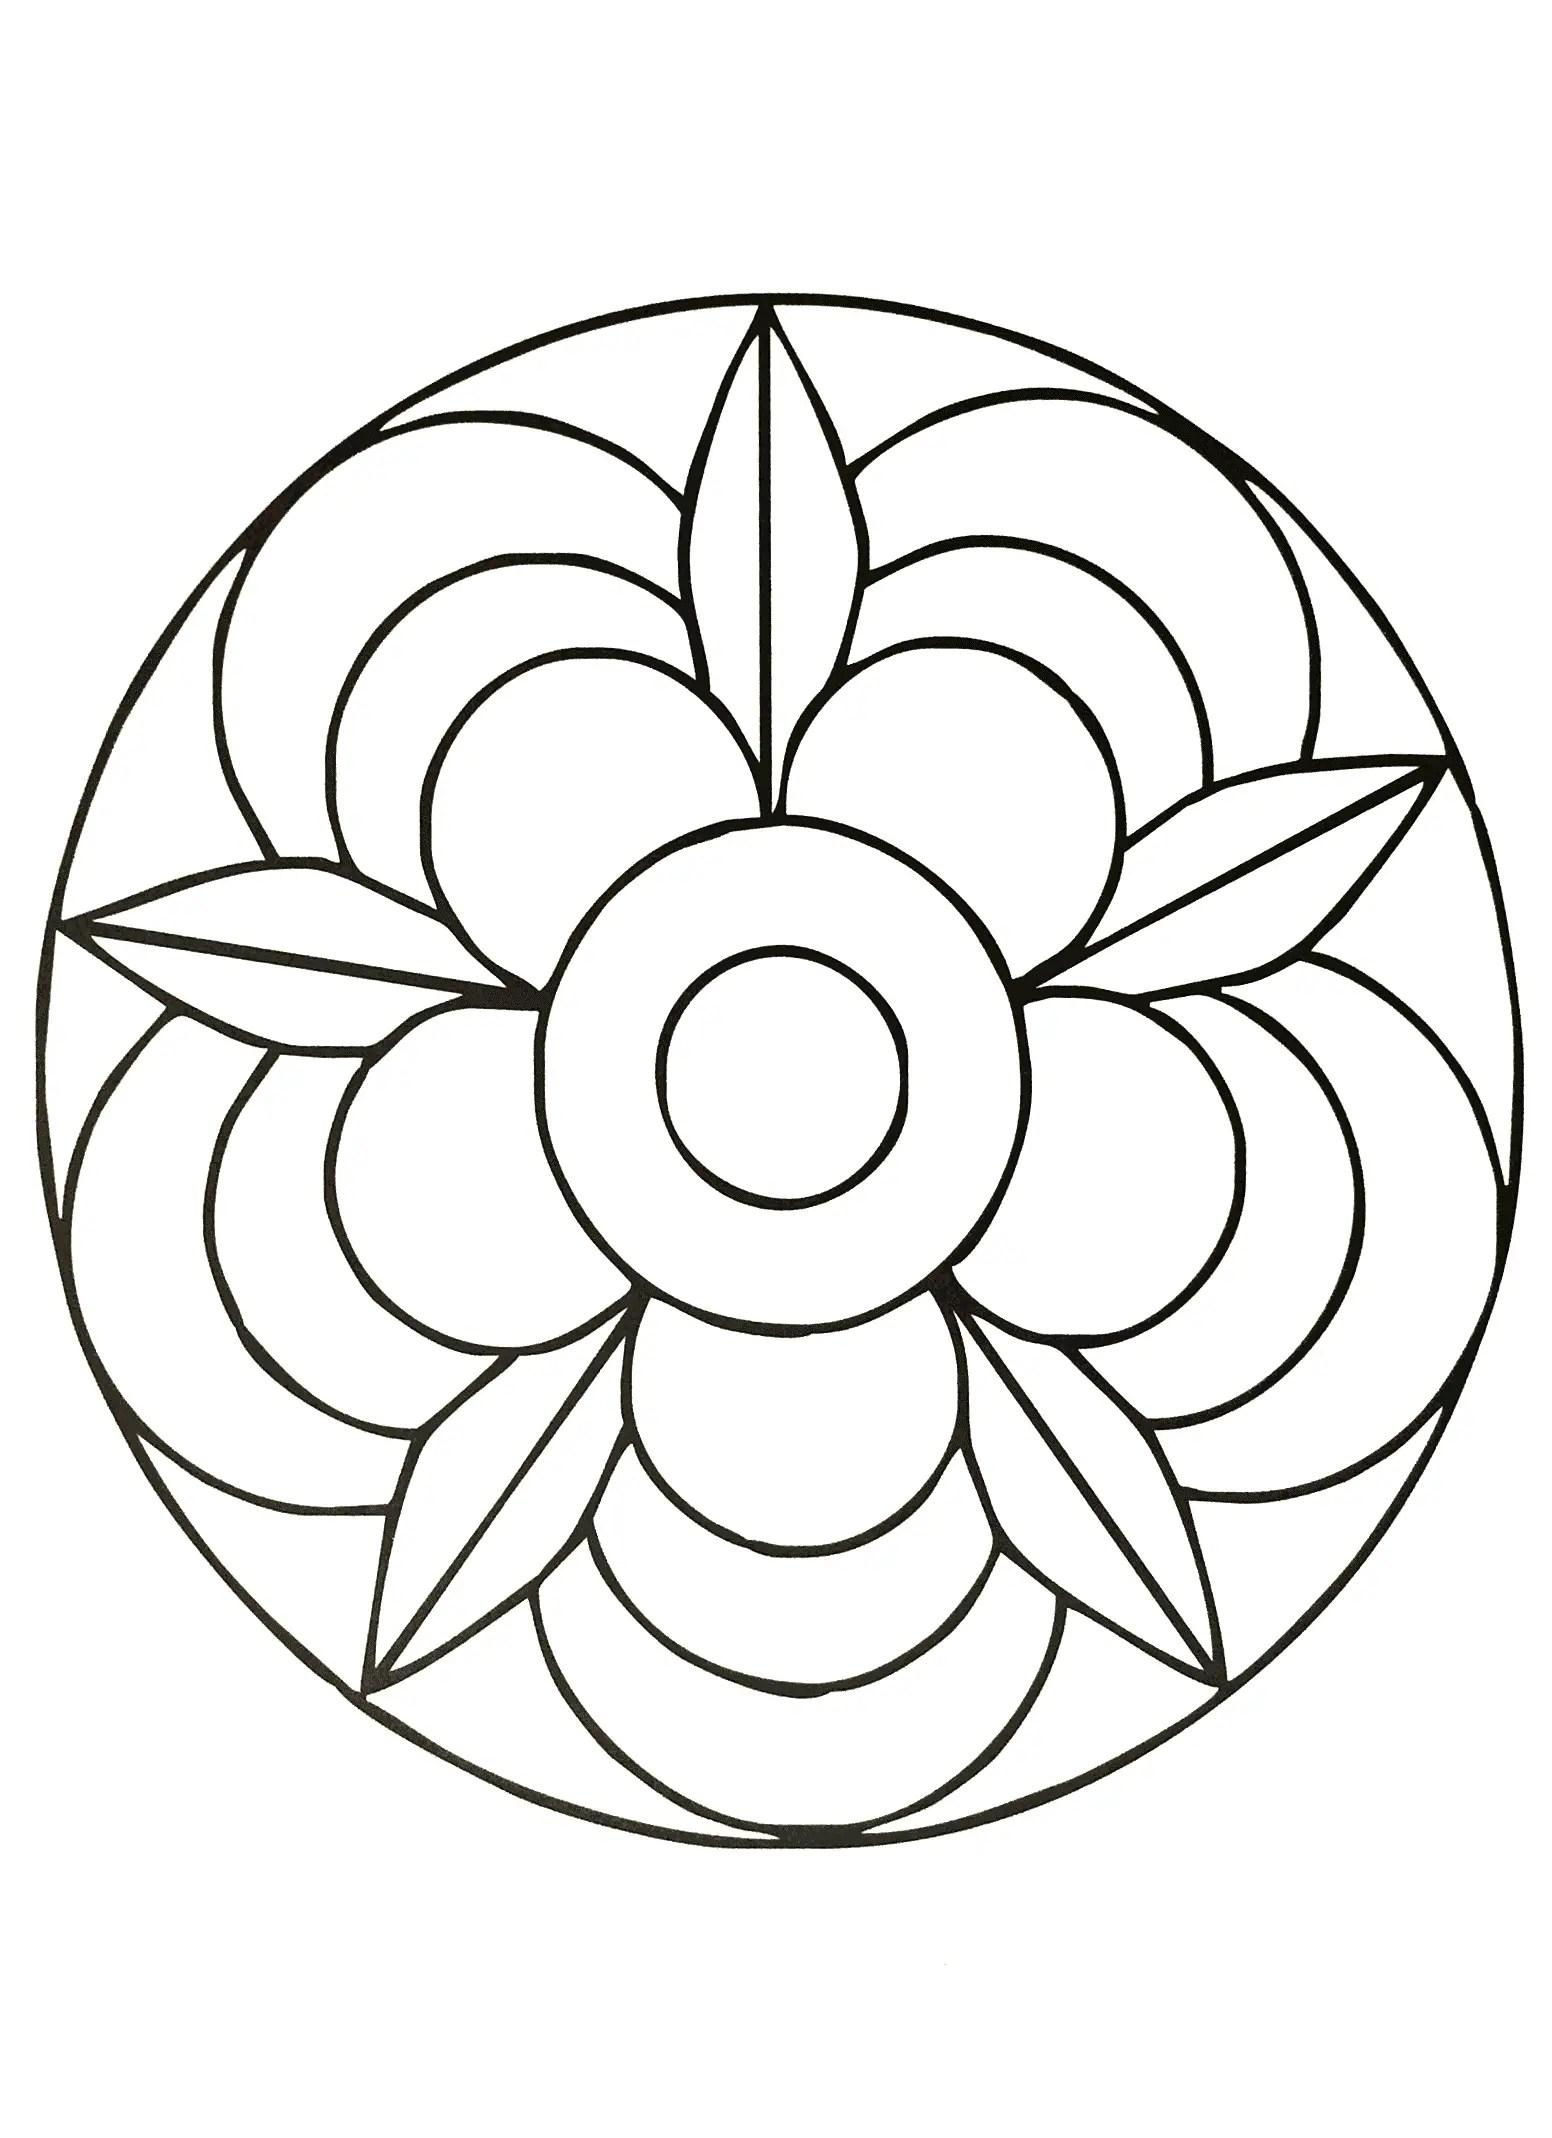 Mandalas: Guía con Imágenes de mándalas para colorear